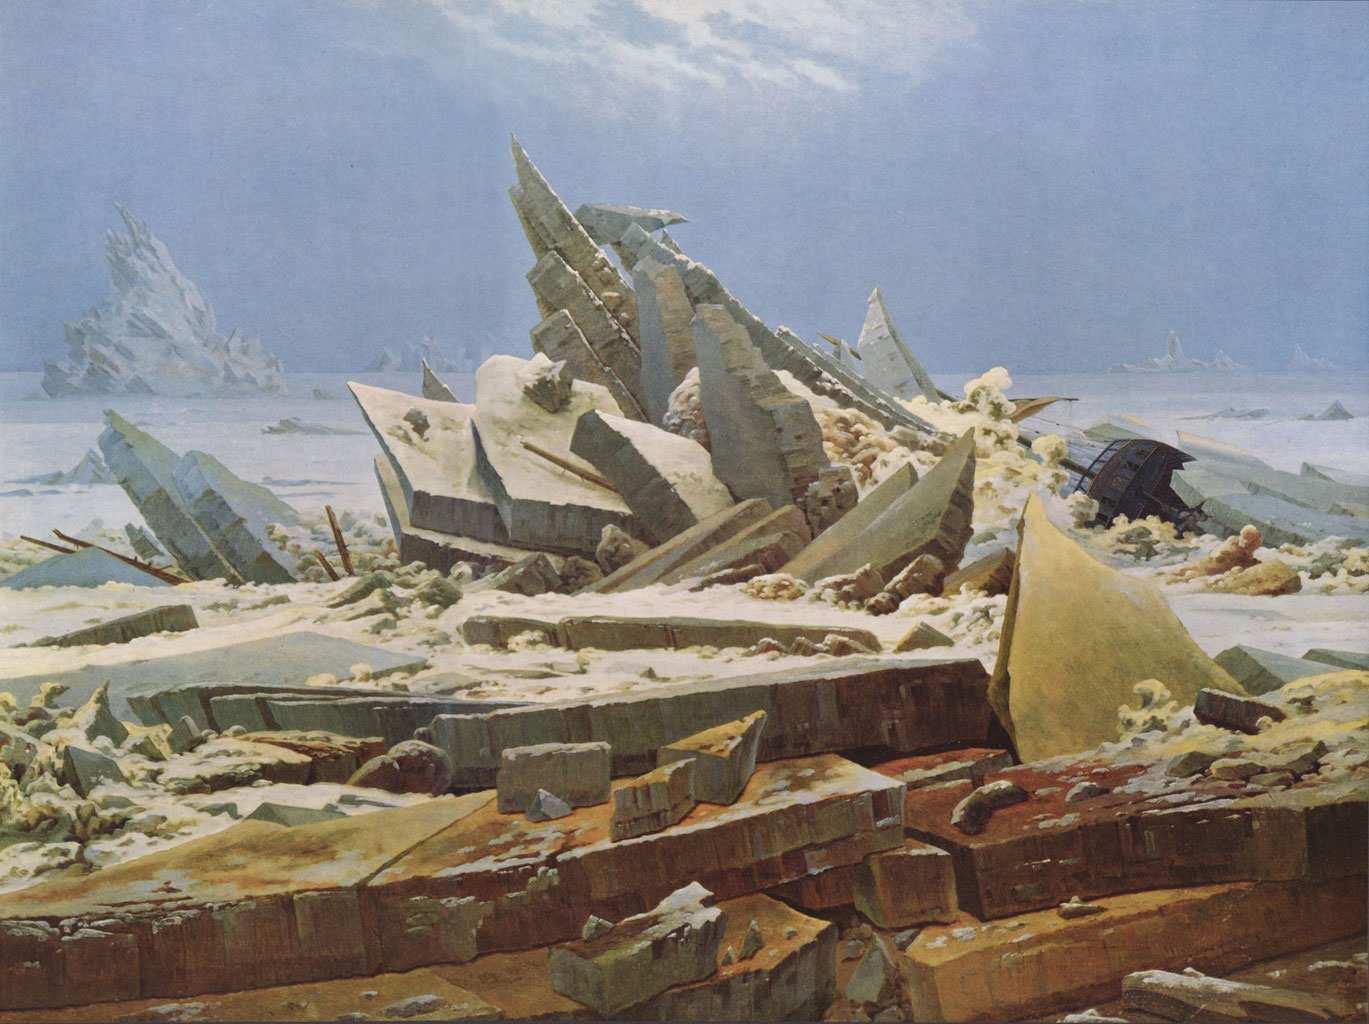 Vom Sinn Und Den Moglichkeiten Der Beschreibung Kunstgeschichte In Einzels Webseite